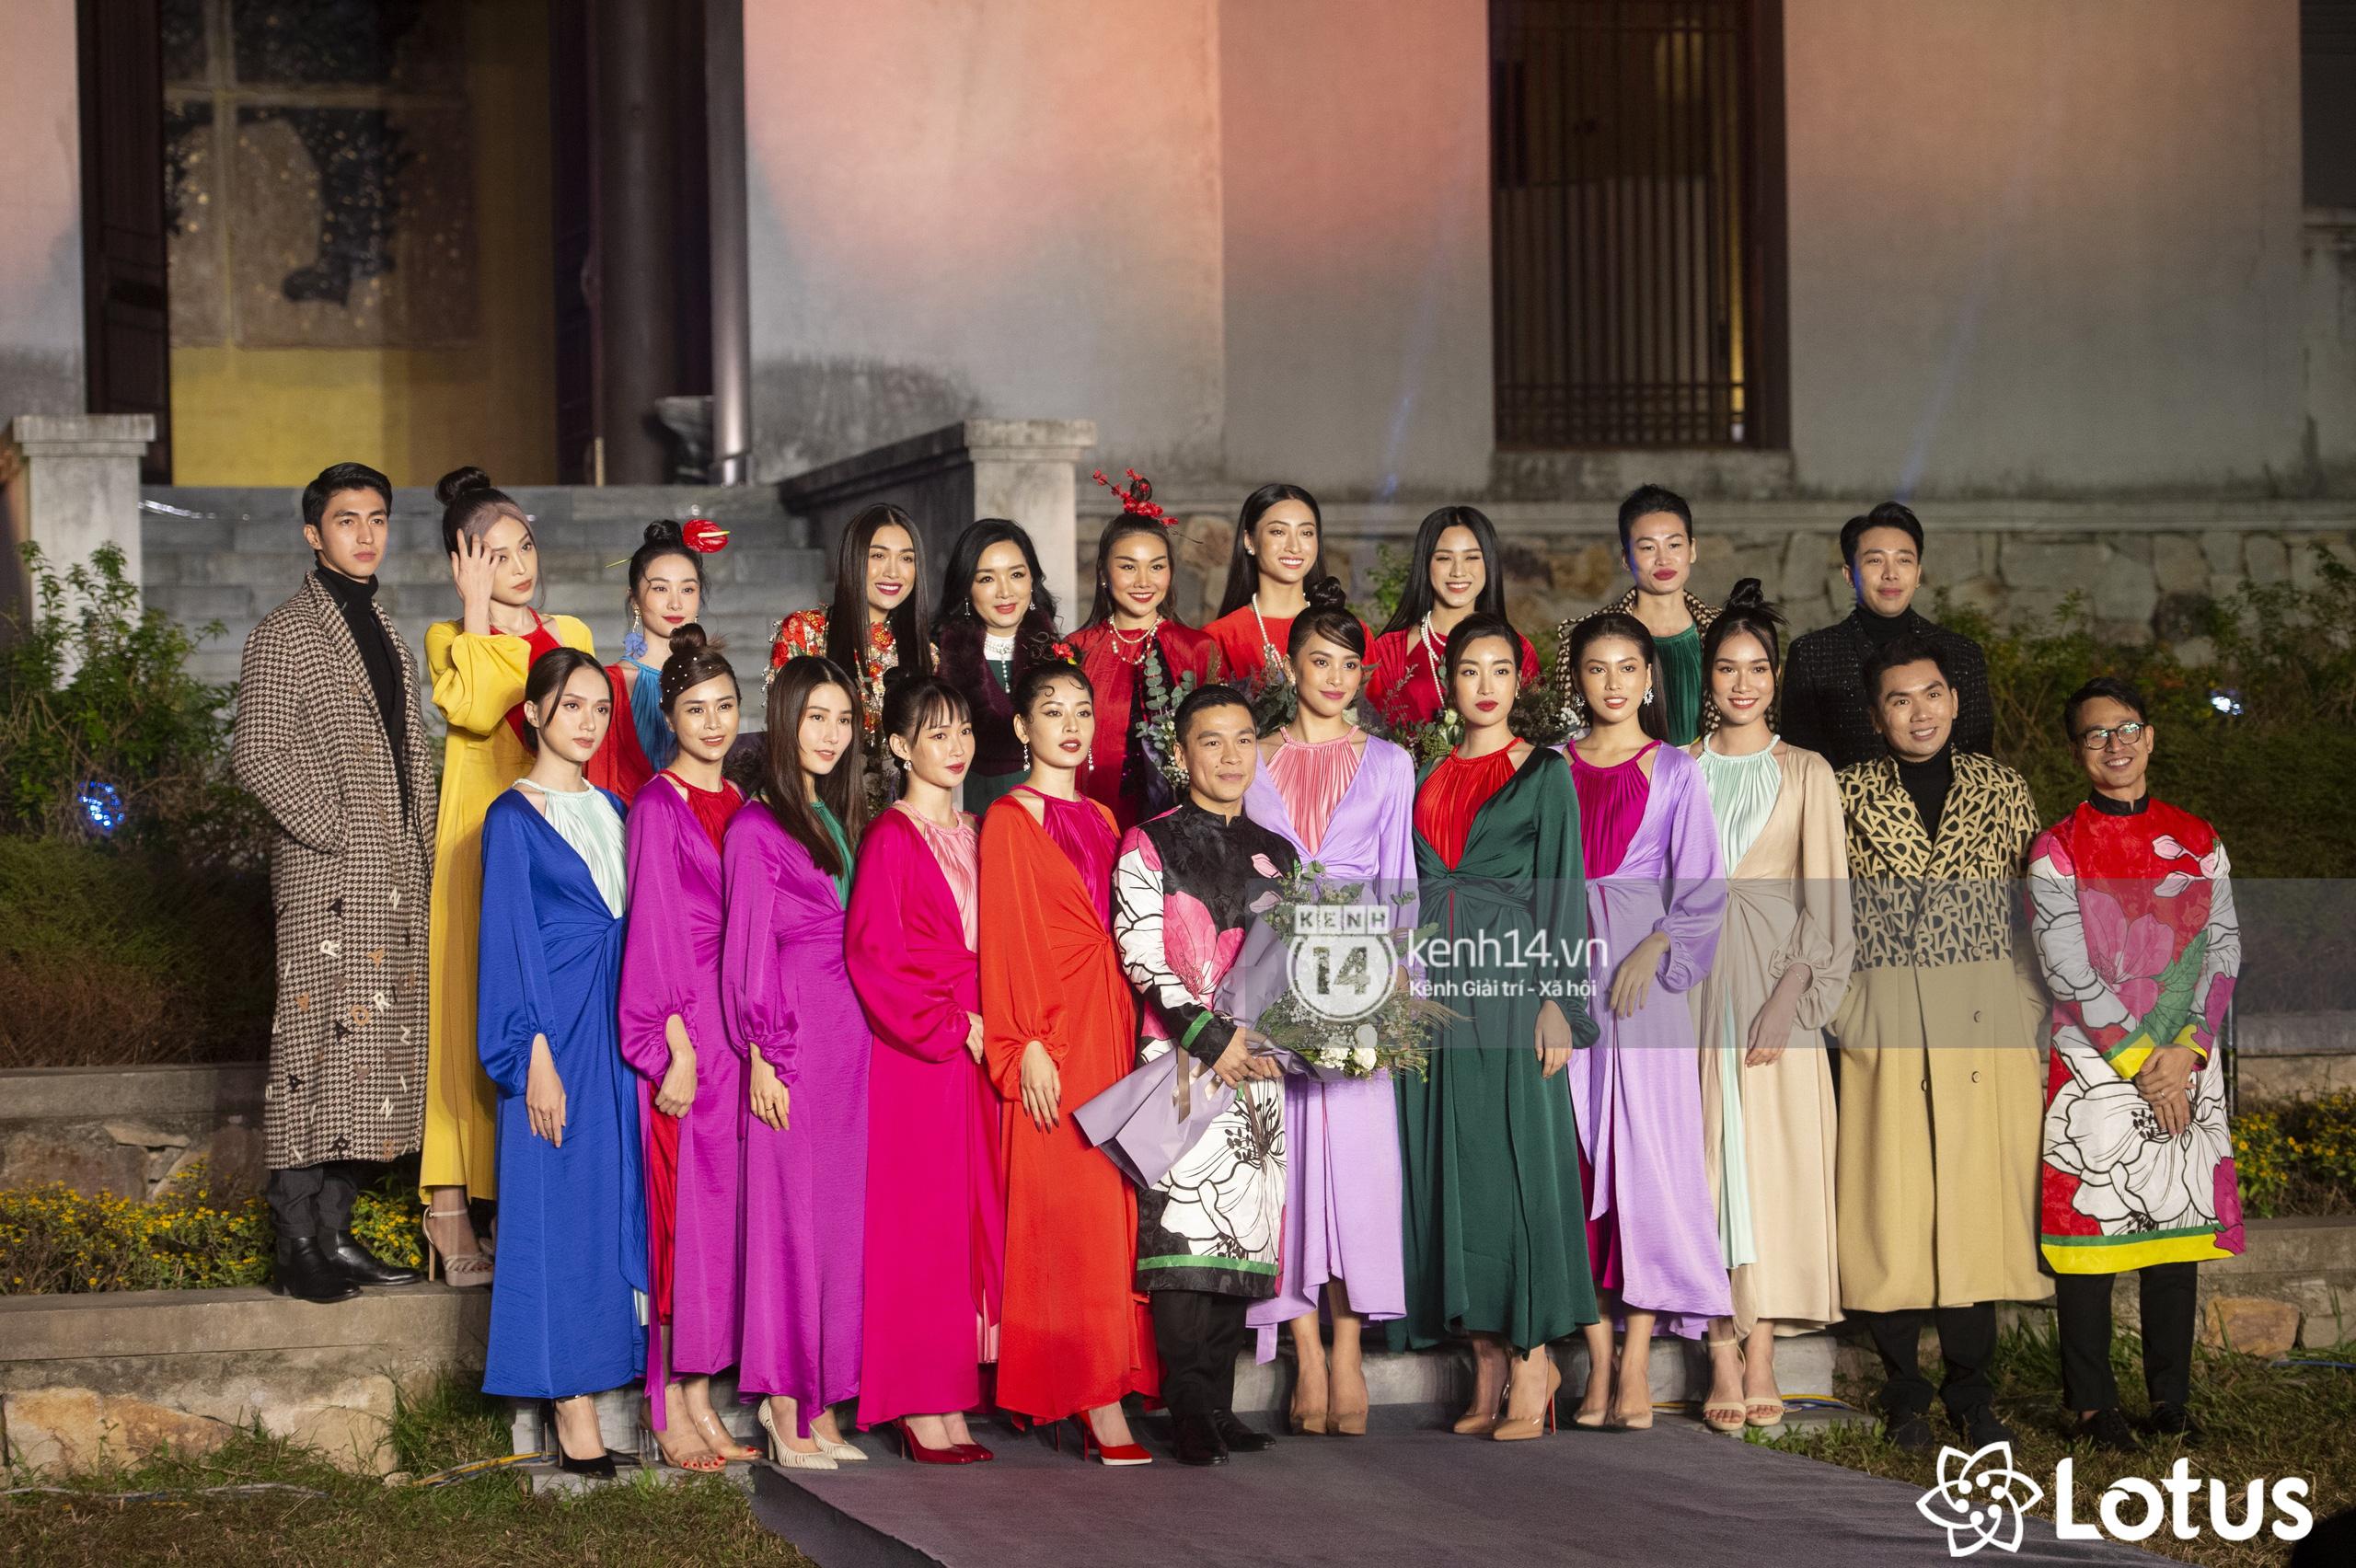 Lương Thuỳ Linh - Đỗ Hà nổi bần bật trong vị trí first face, Thanh Hằng bùng nổ với khí chất nữ thần tại show Đào của NTK Adrian Anh Tuấn - Ảnh 28.